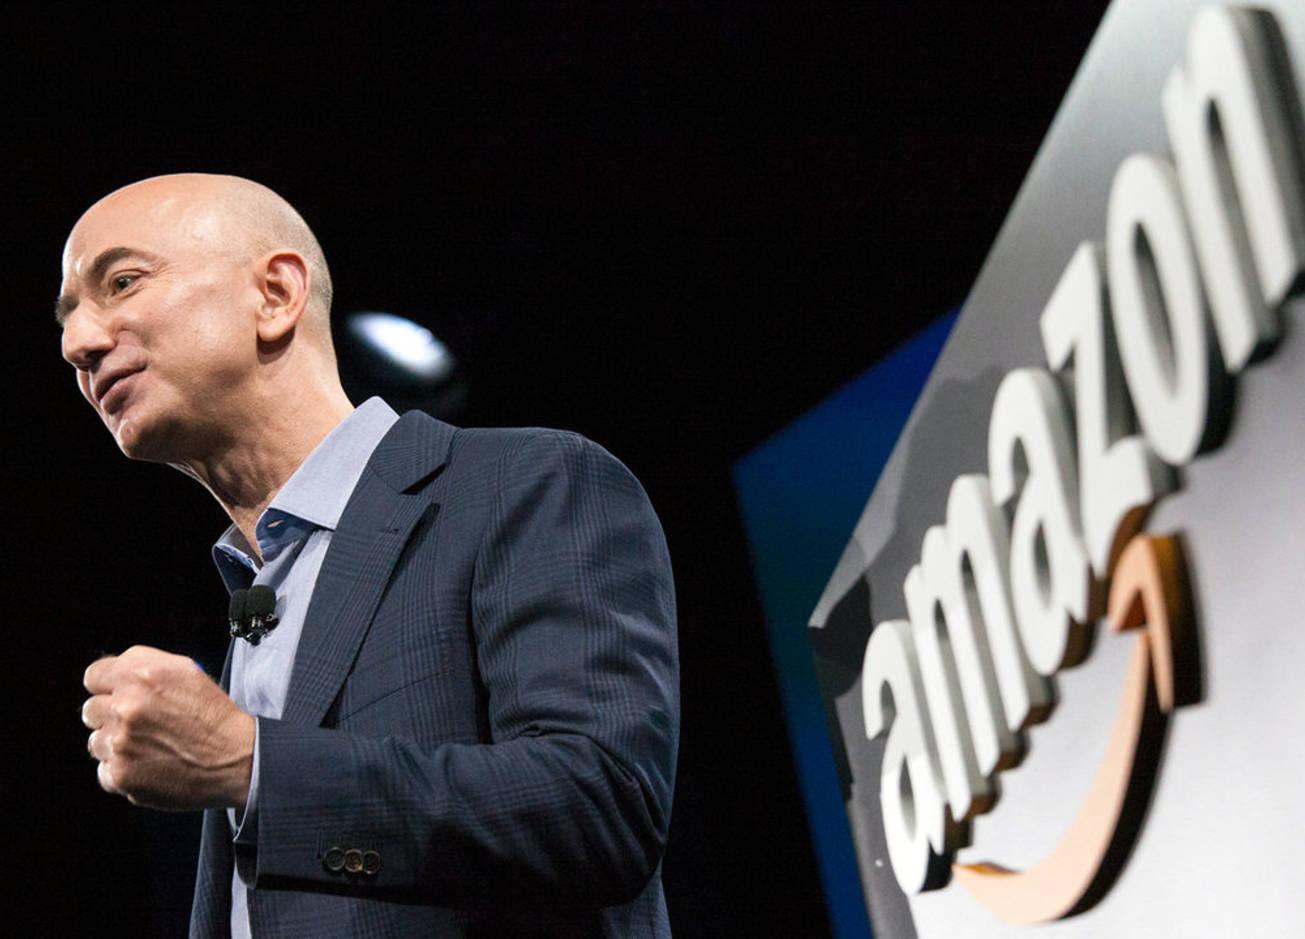 Обедневшие, но еще миллиардеры: ТОП-20 богатейших людей планеты по версии Forbes